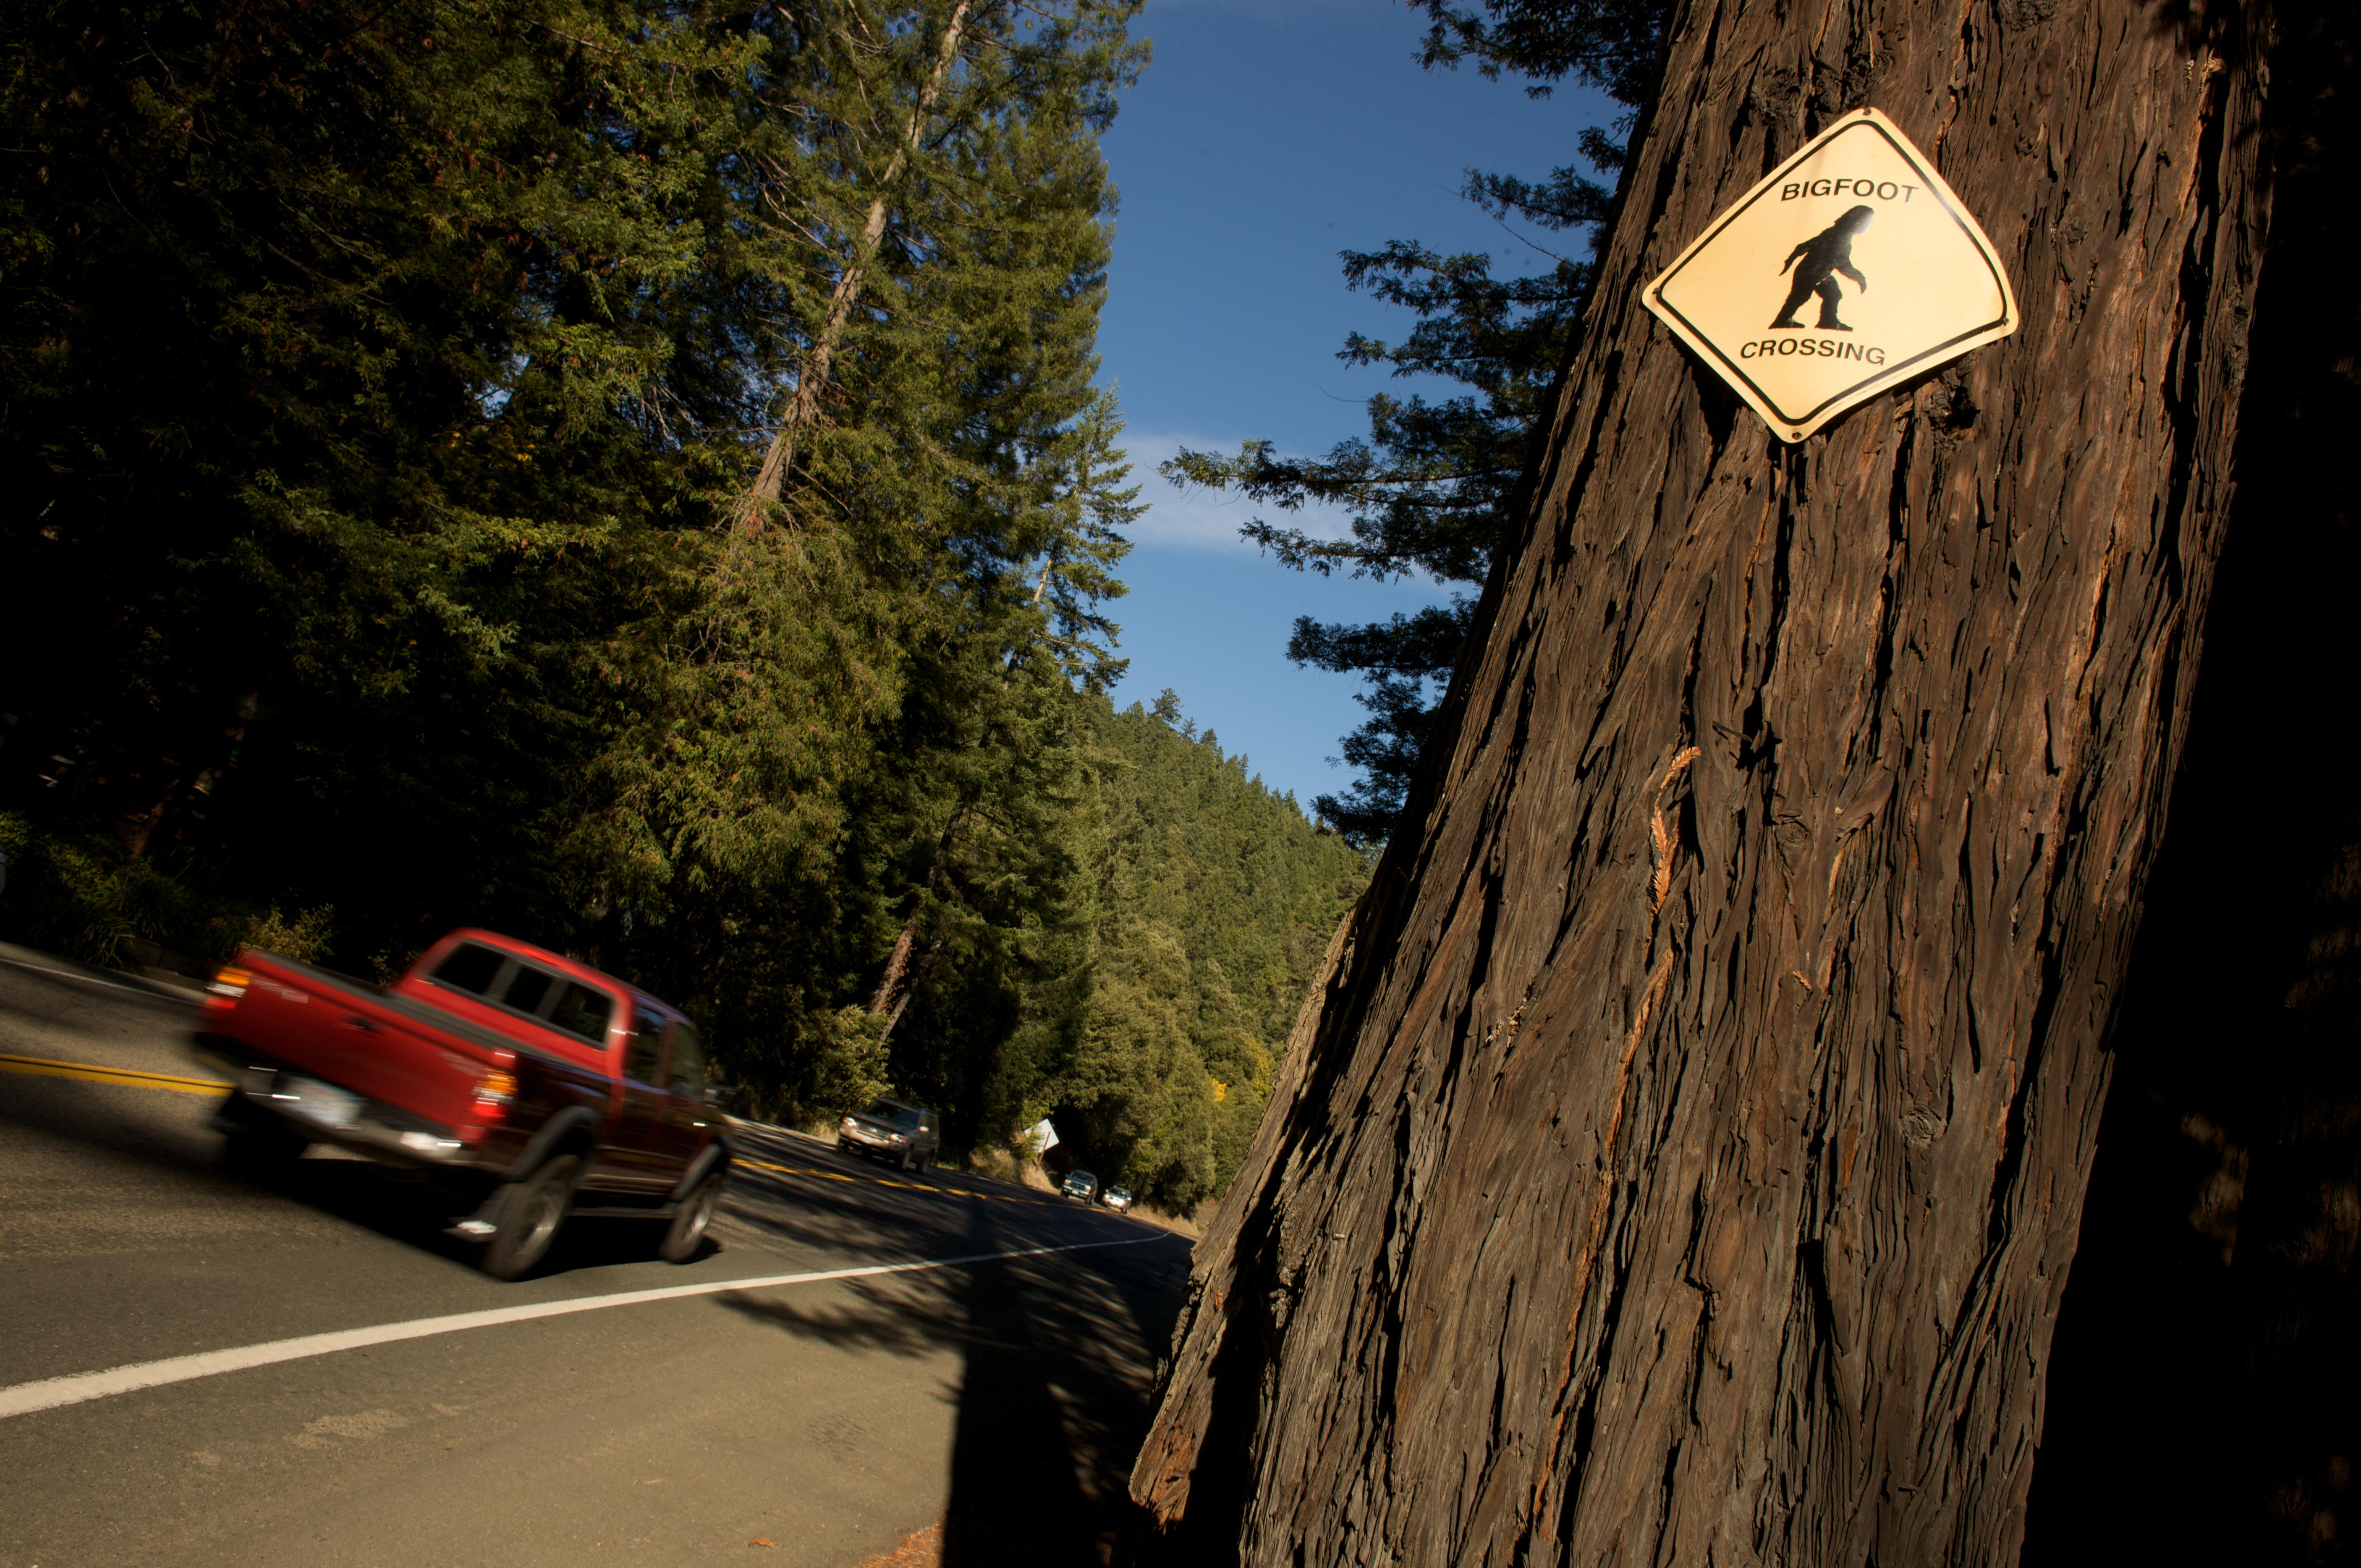 Legend of Bigfoot roadside attraction outside Richardson State Park, Calif.